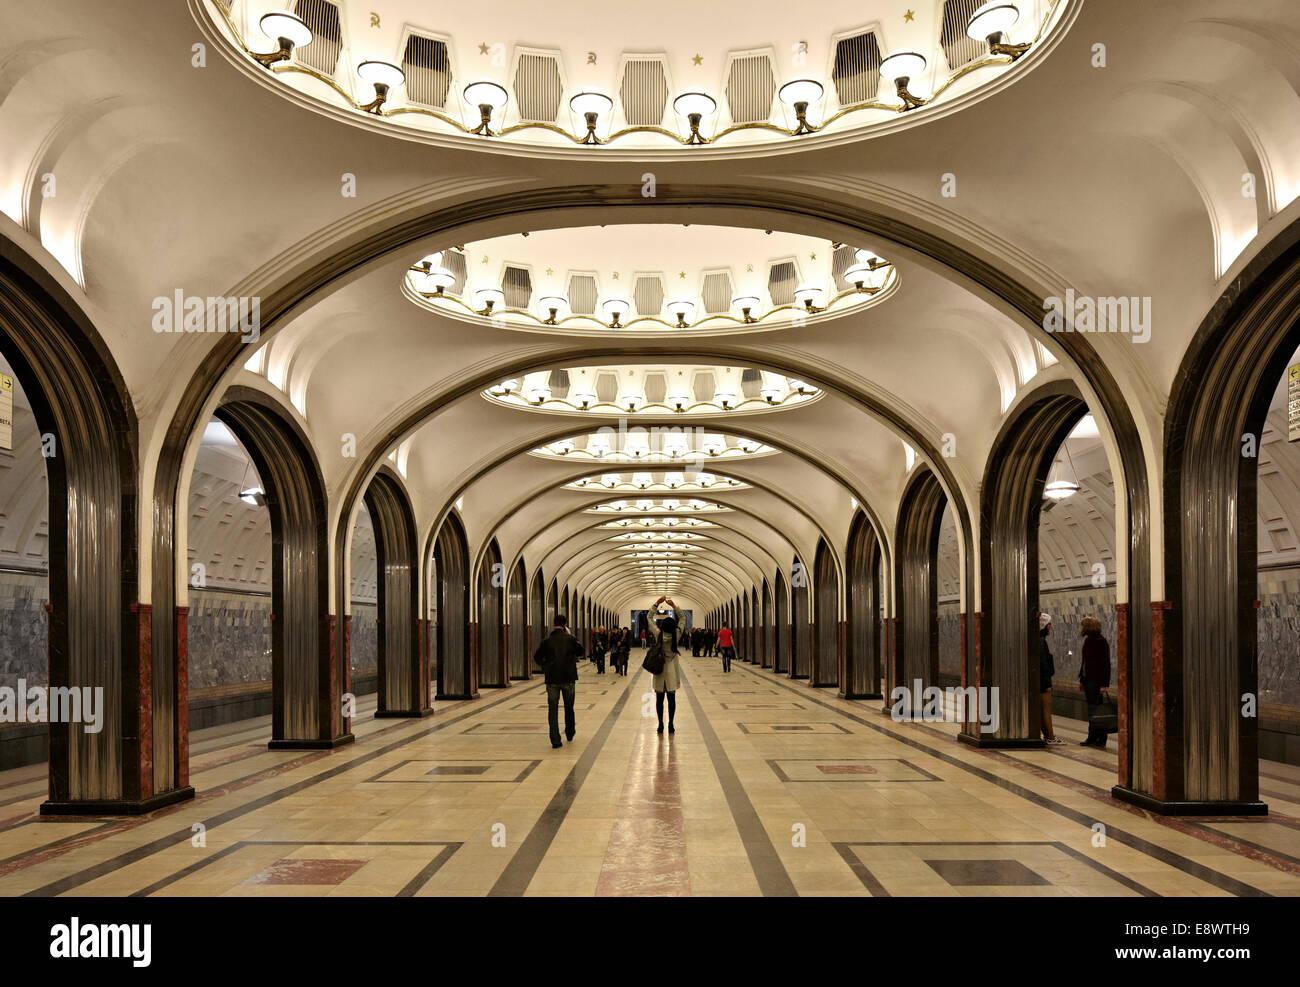 Détail du plafond en métro de Moscou, Moscou, Russie. Photo Stock